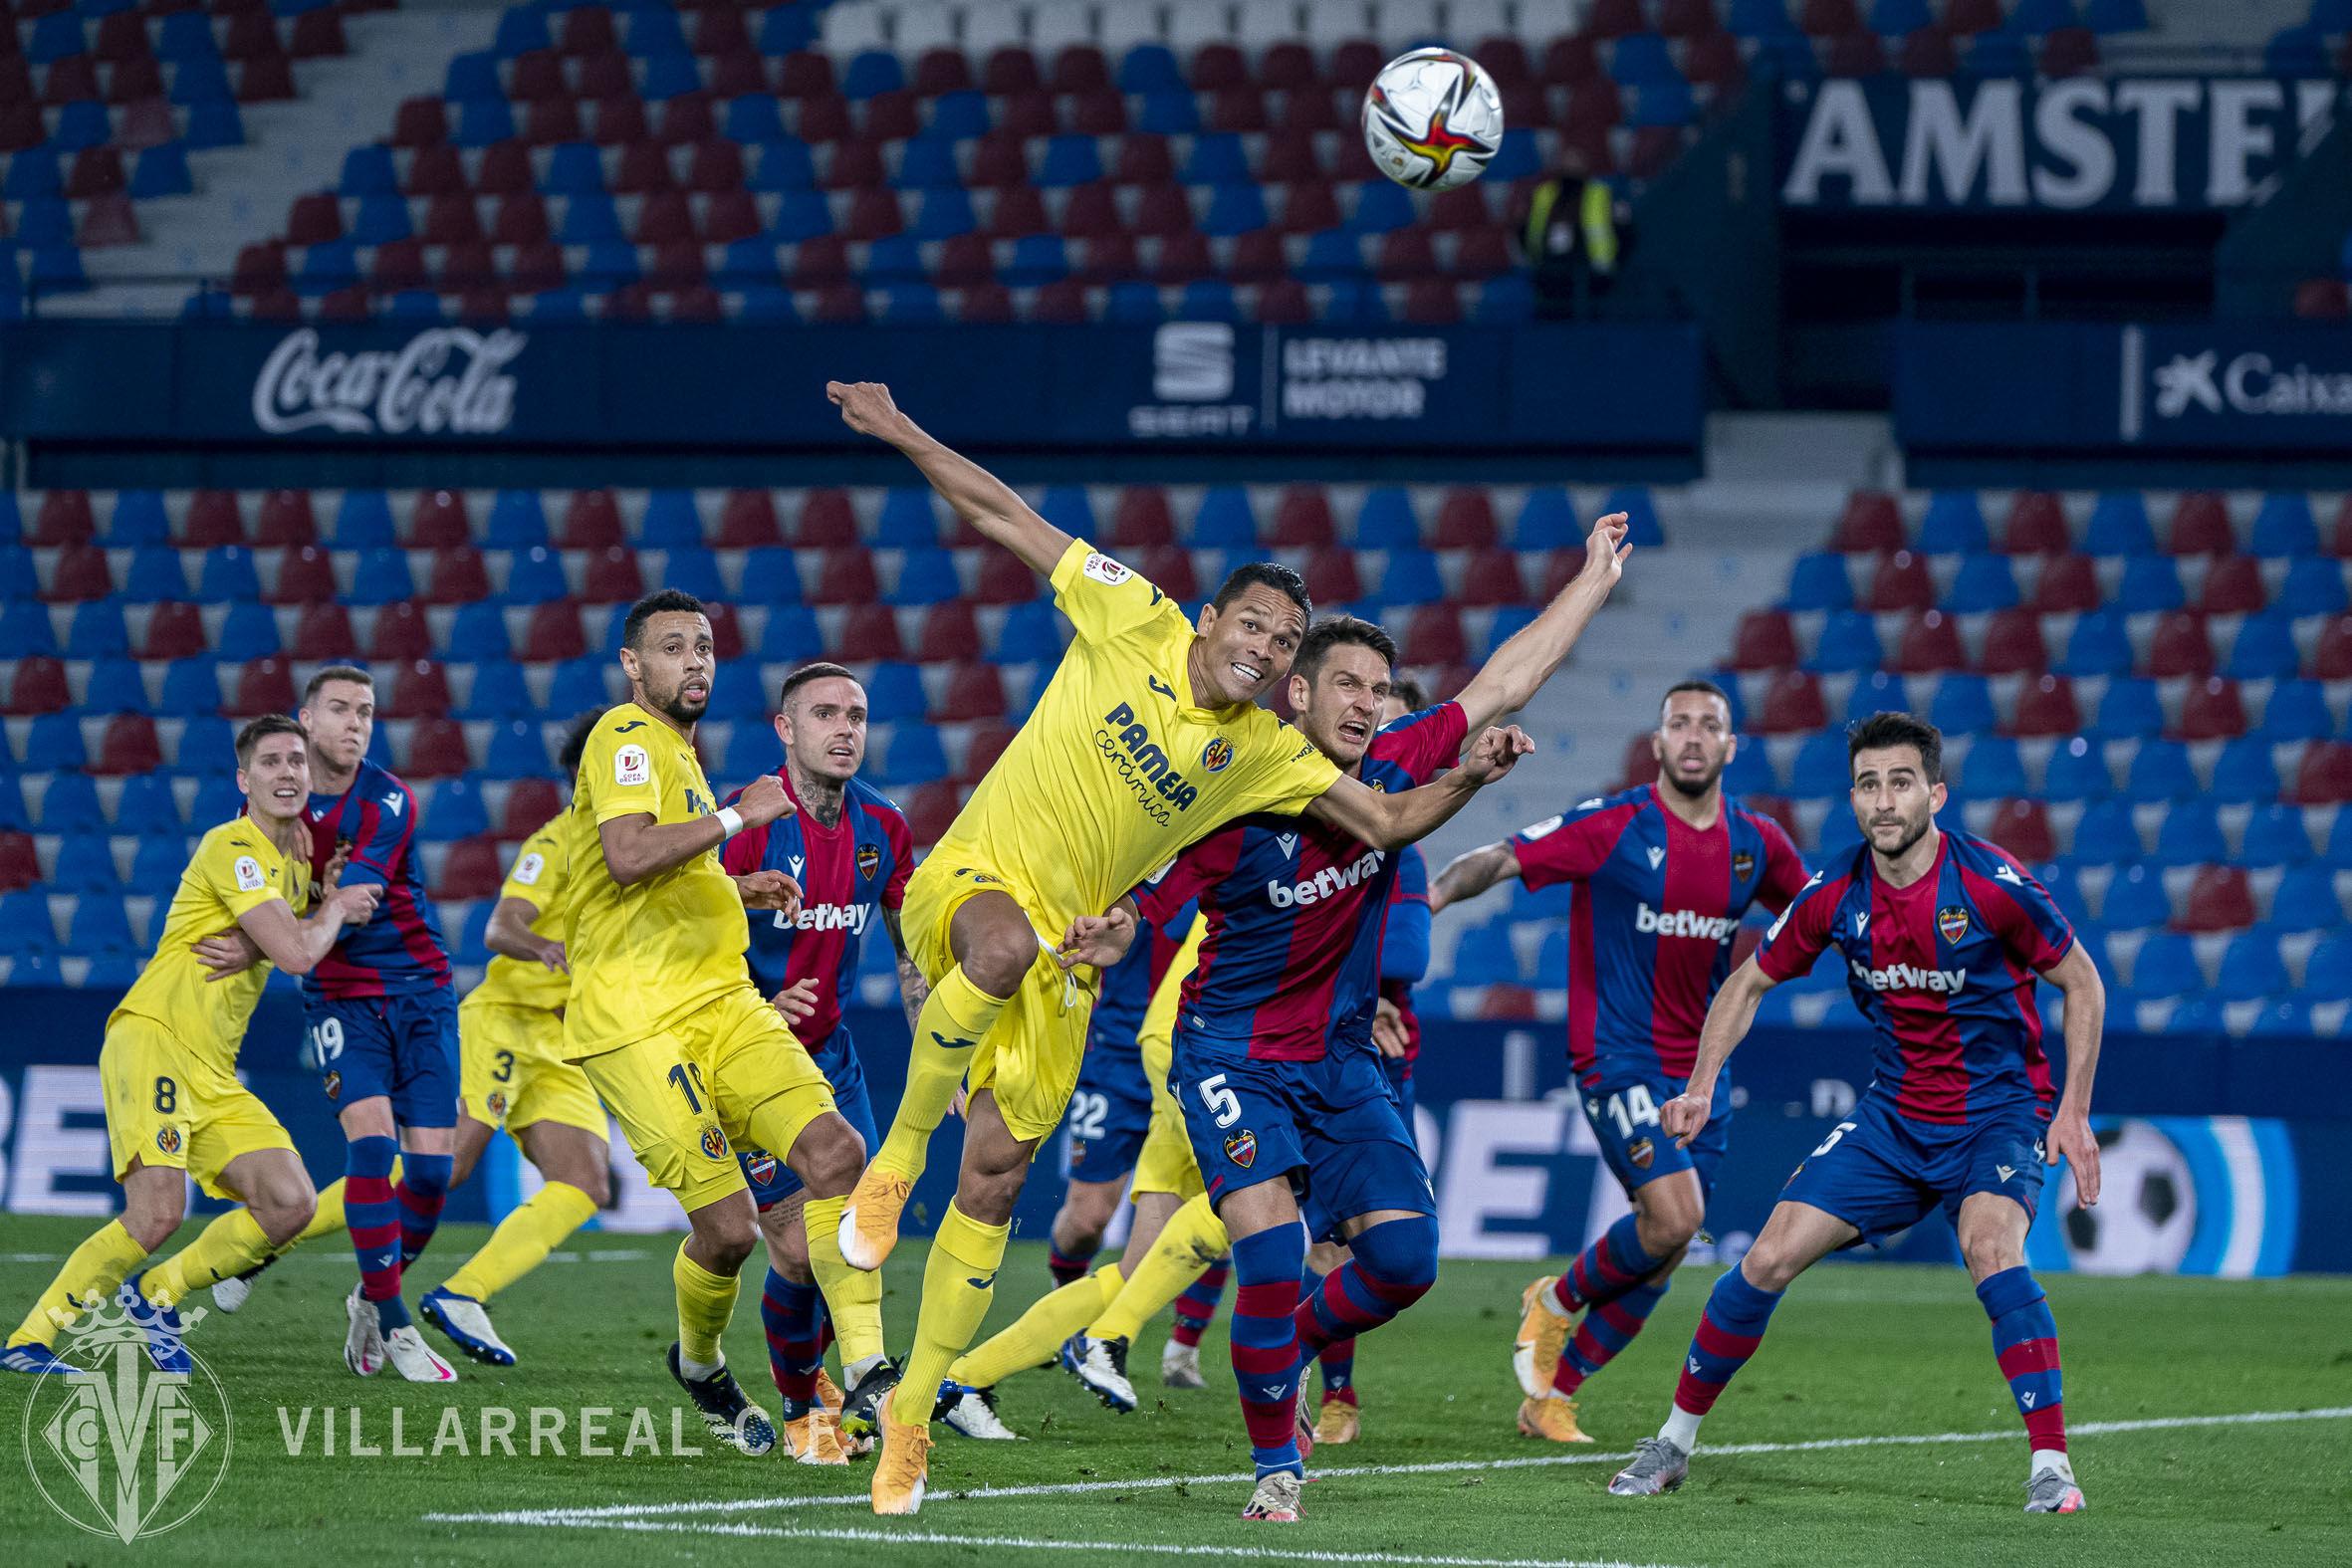 Футбол. кубок испании онлайн валенсия- леванте